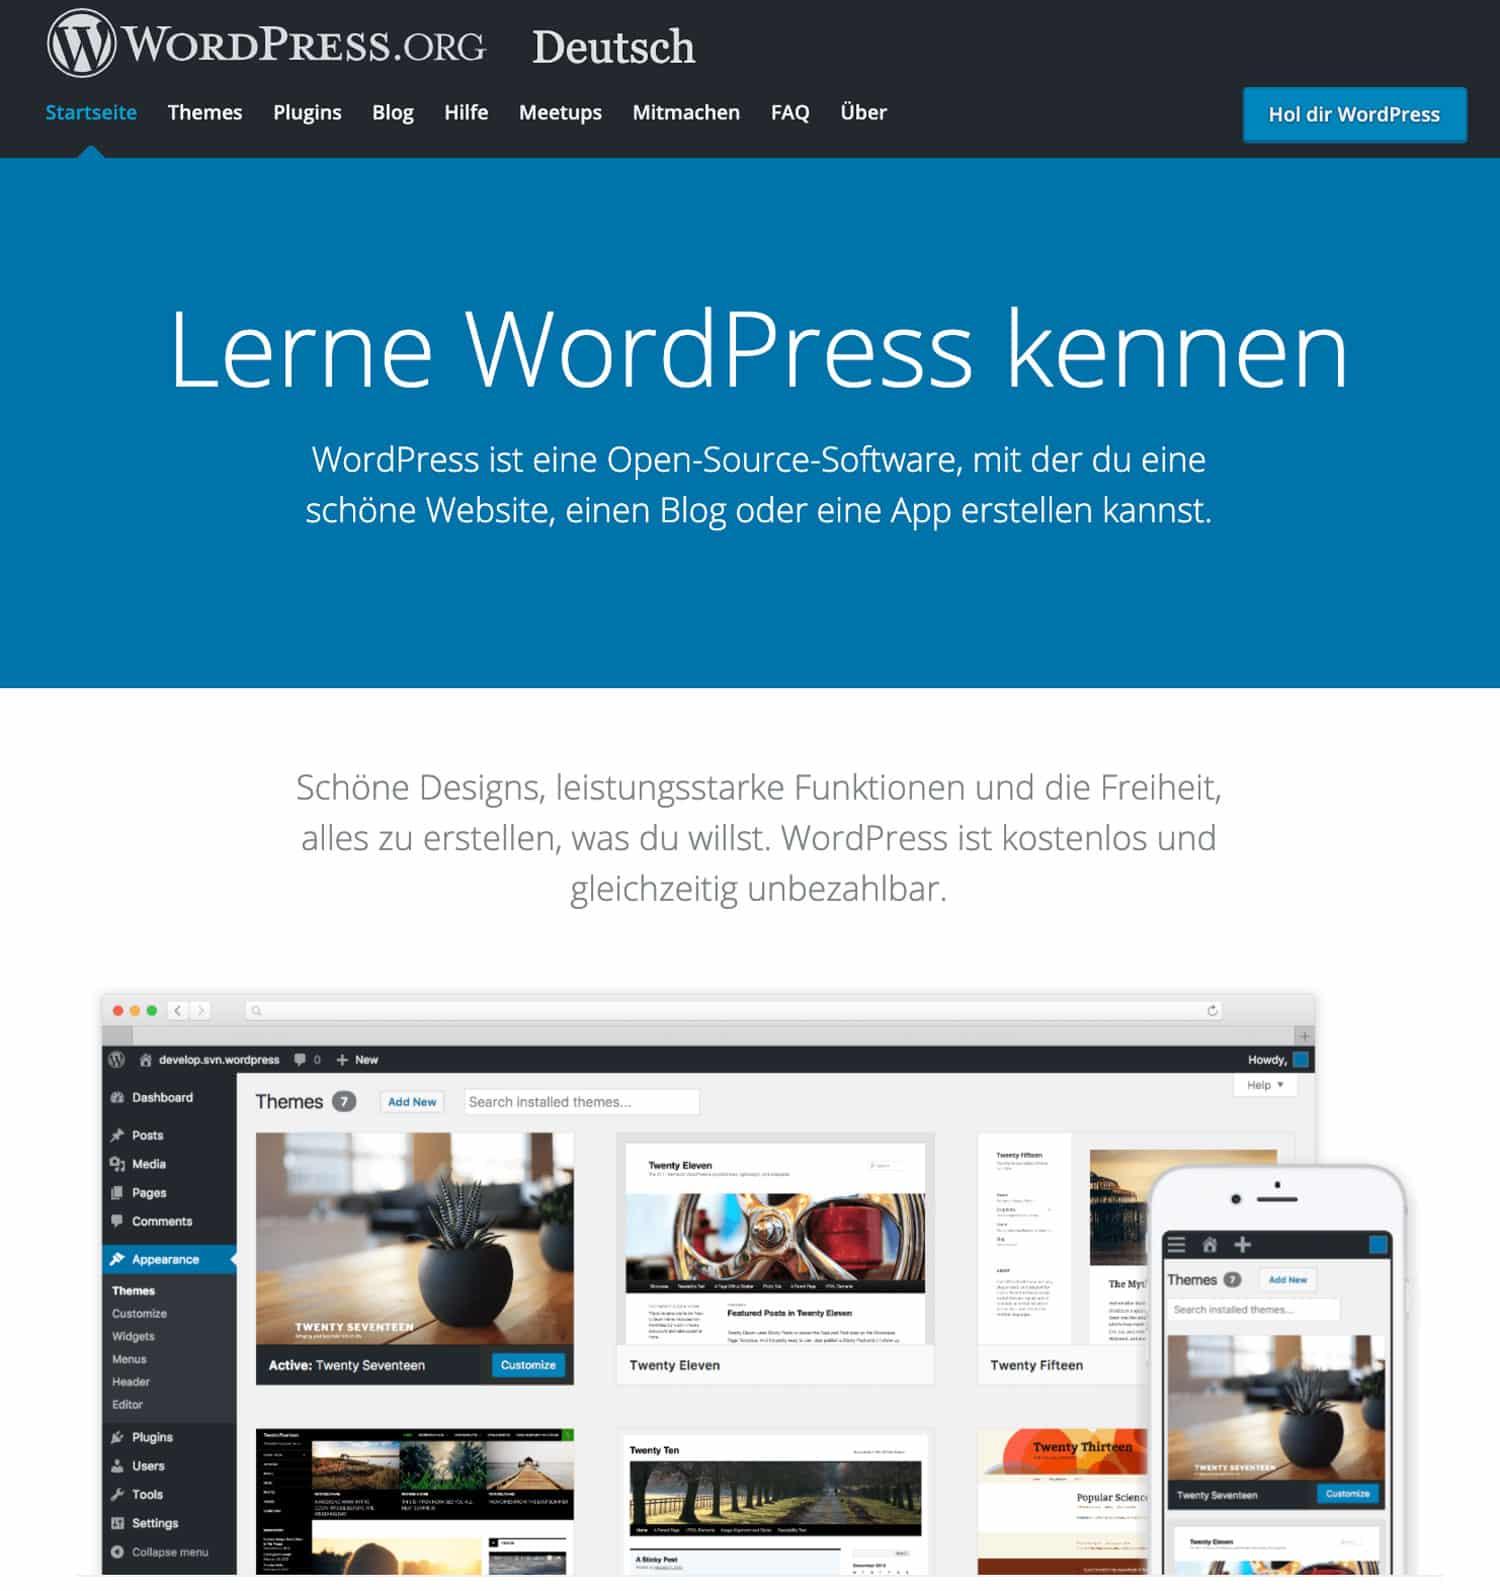 Bei WordPress.org ist der Grad der Eigenverantwortung deutlich höher als bei WordPress.com